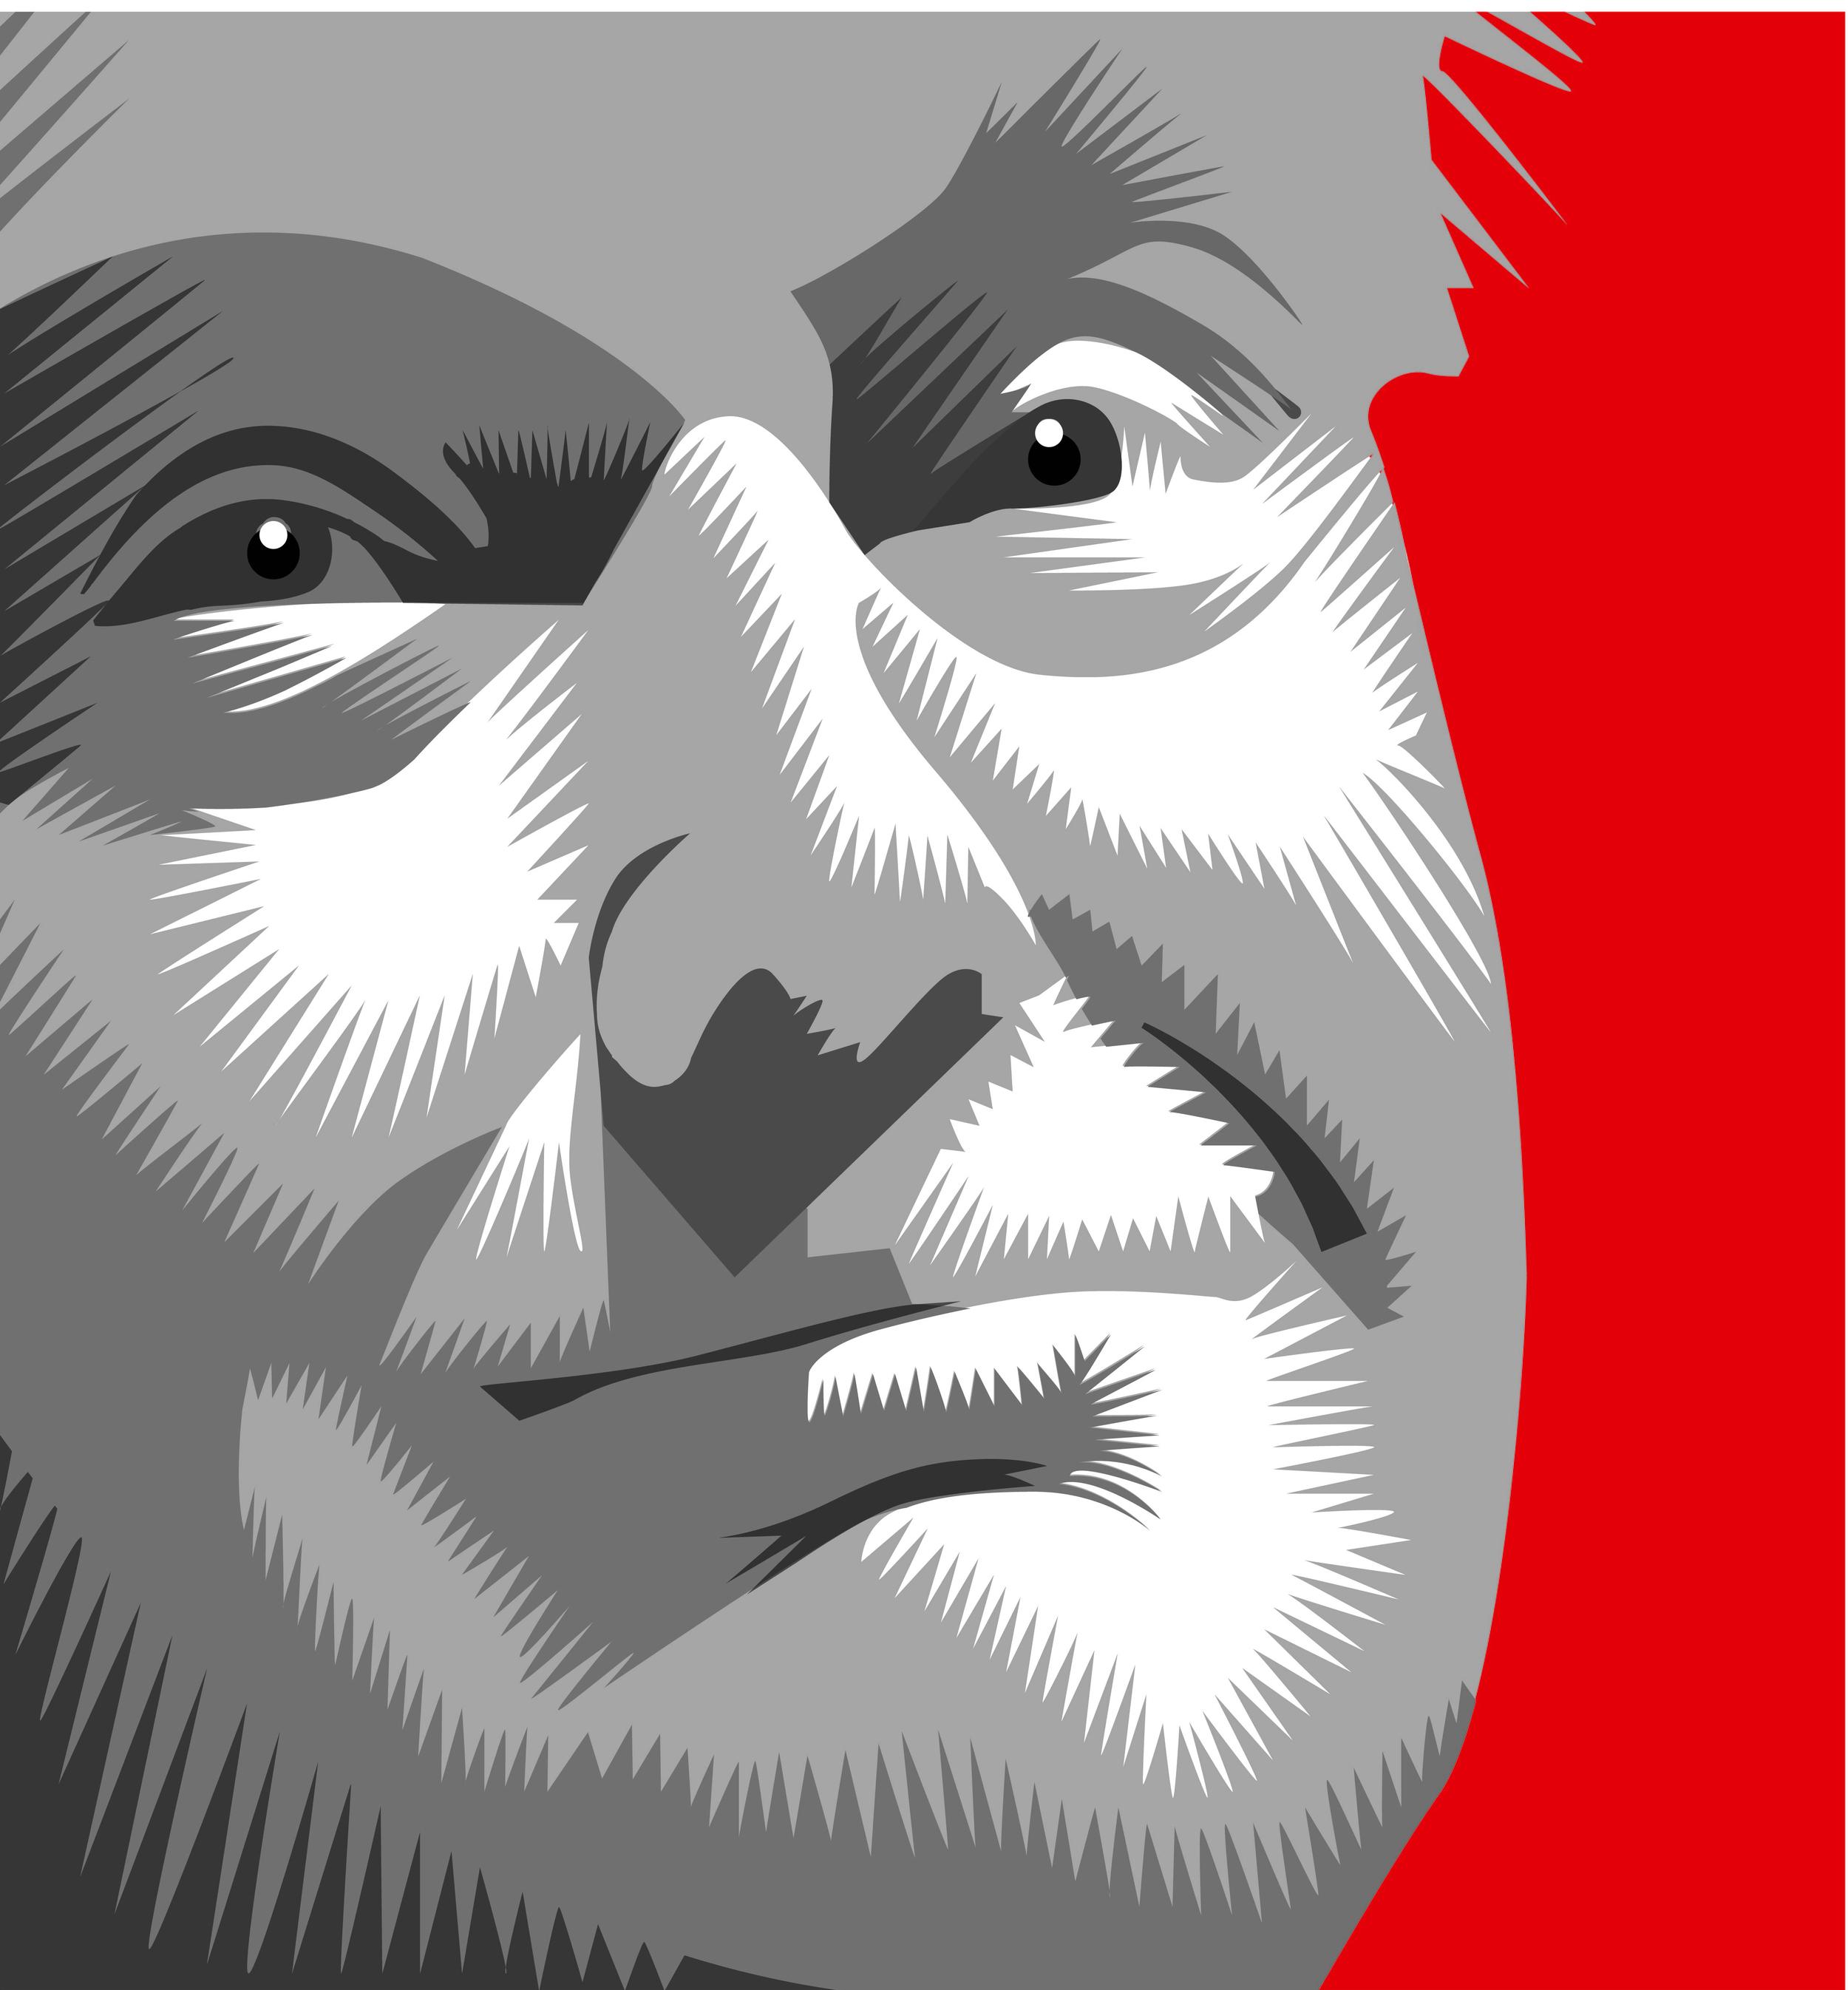 The Donald Portrait Warmups 2015 Q. Cassetti Adobe Illustrator 2015